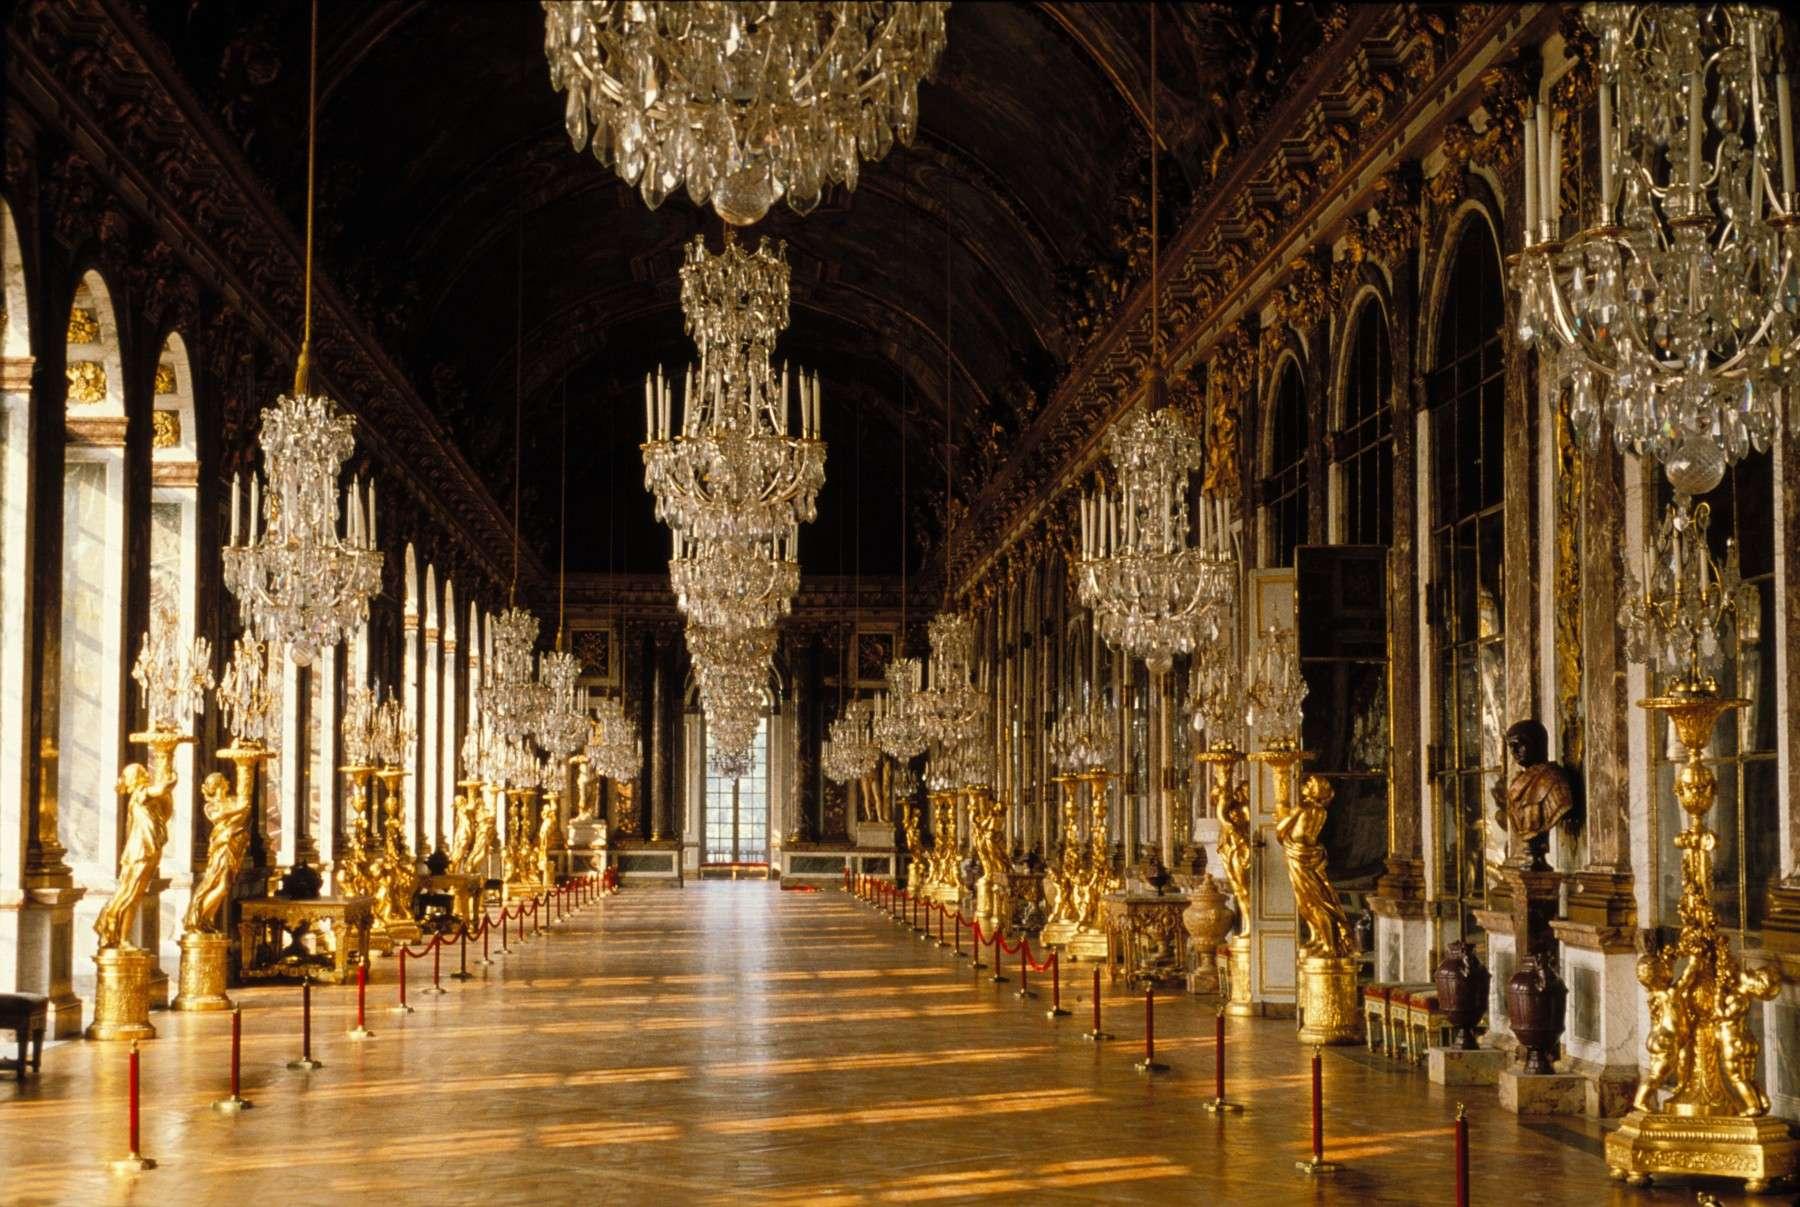 Gallery of Glass париж, экскурсия